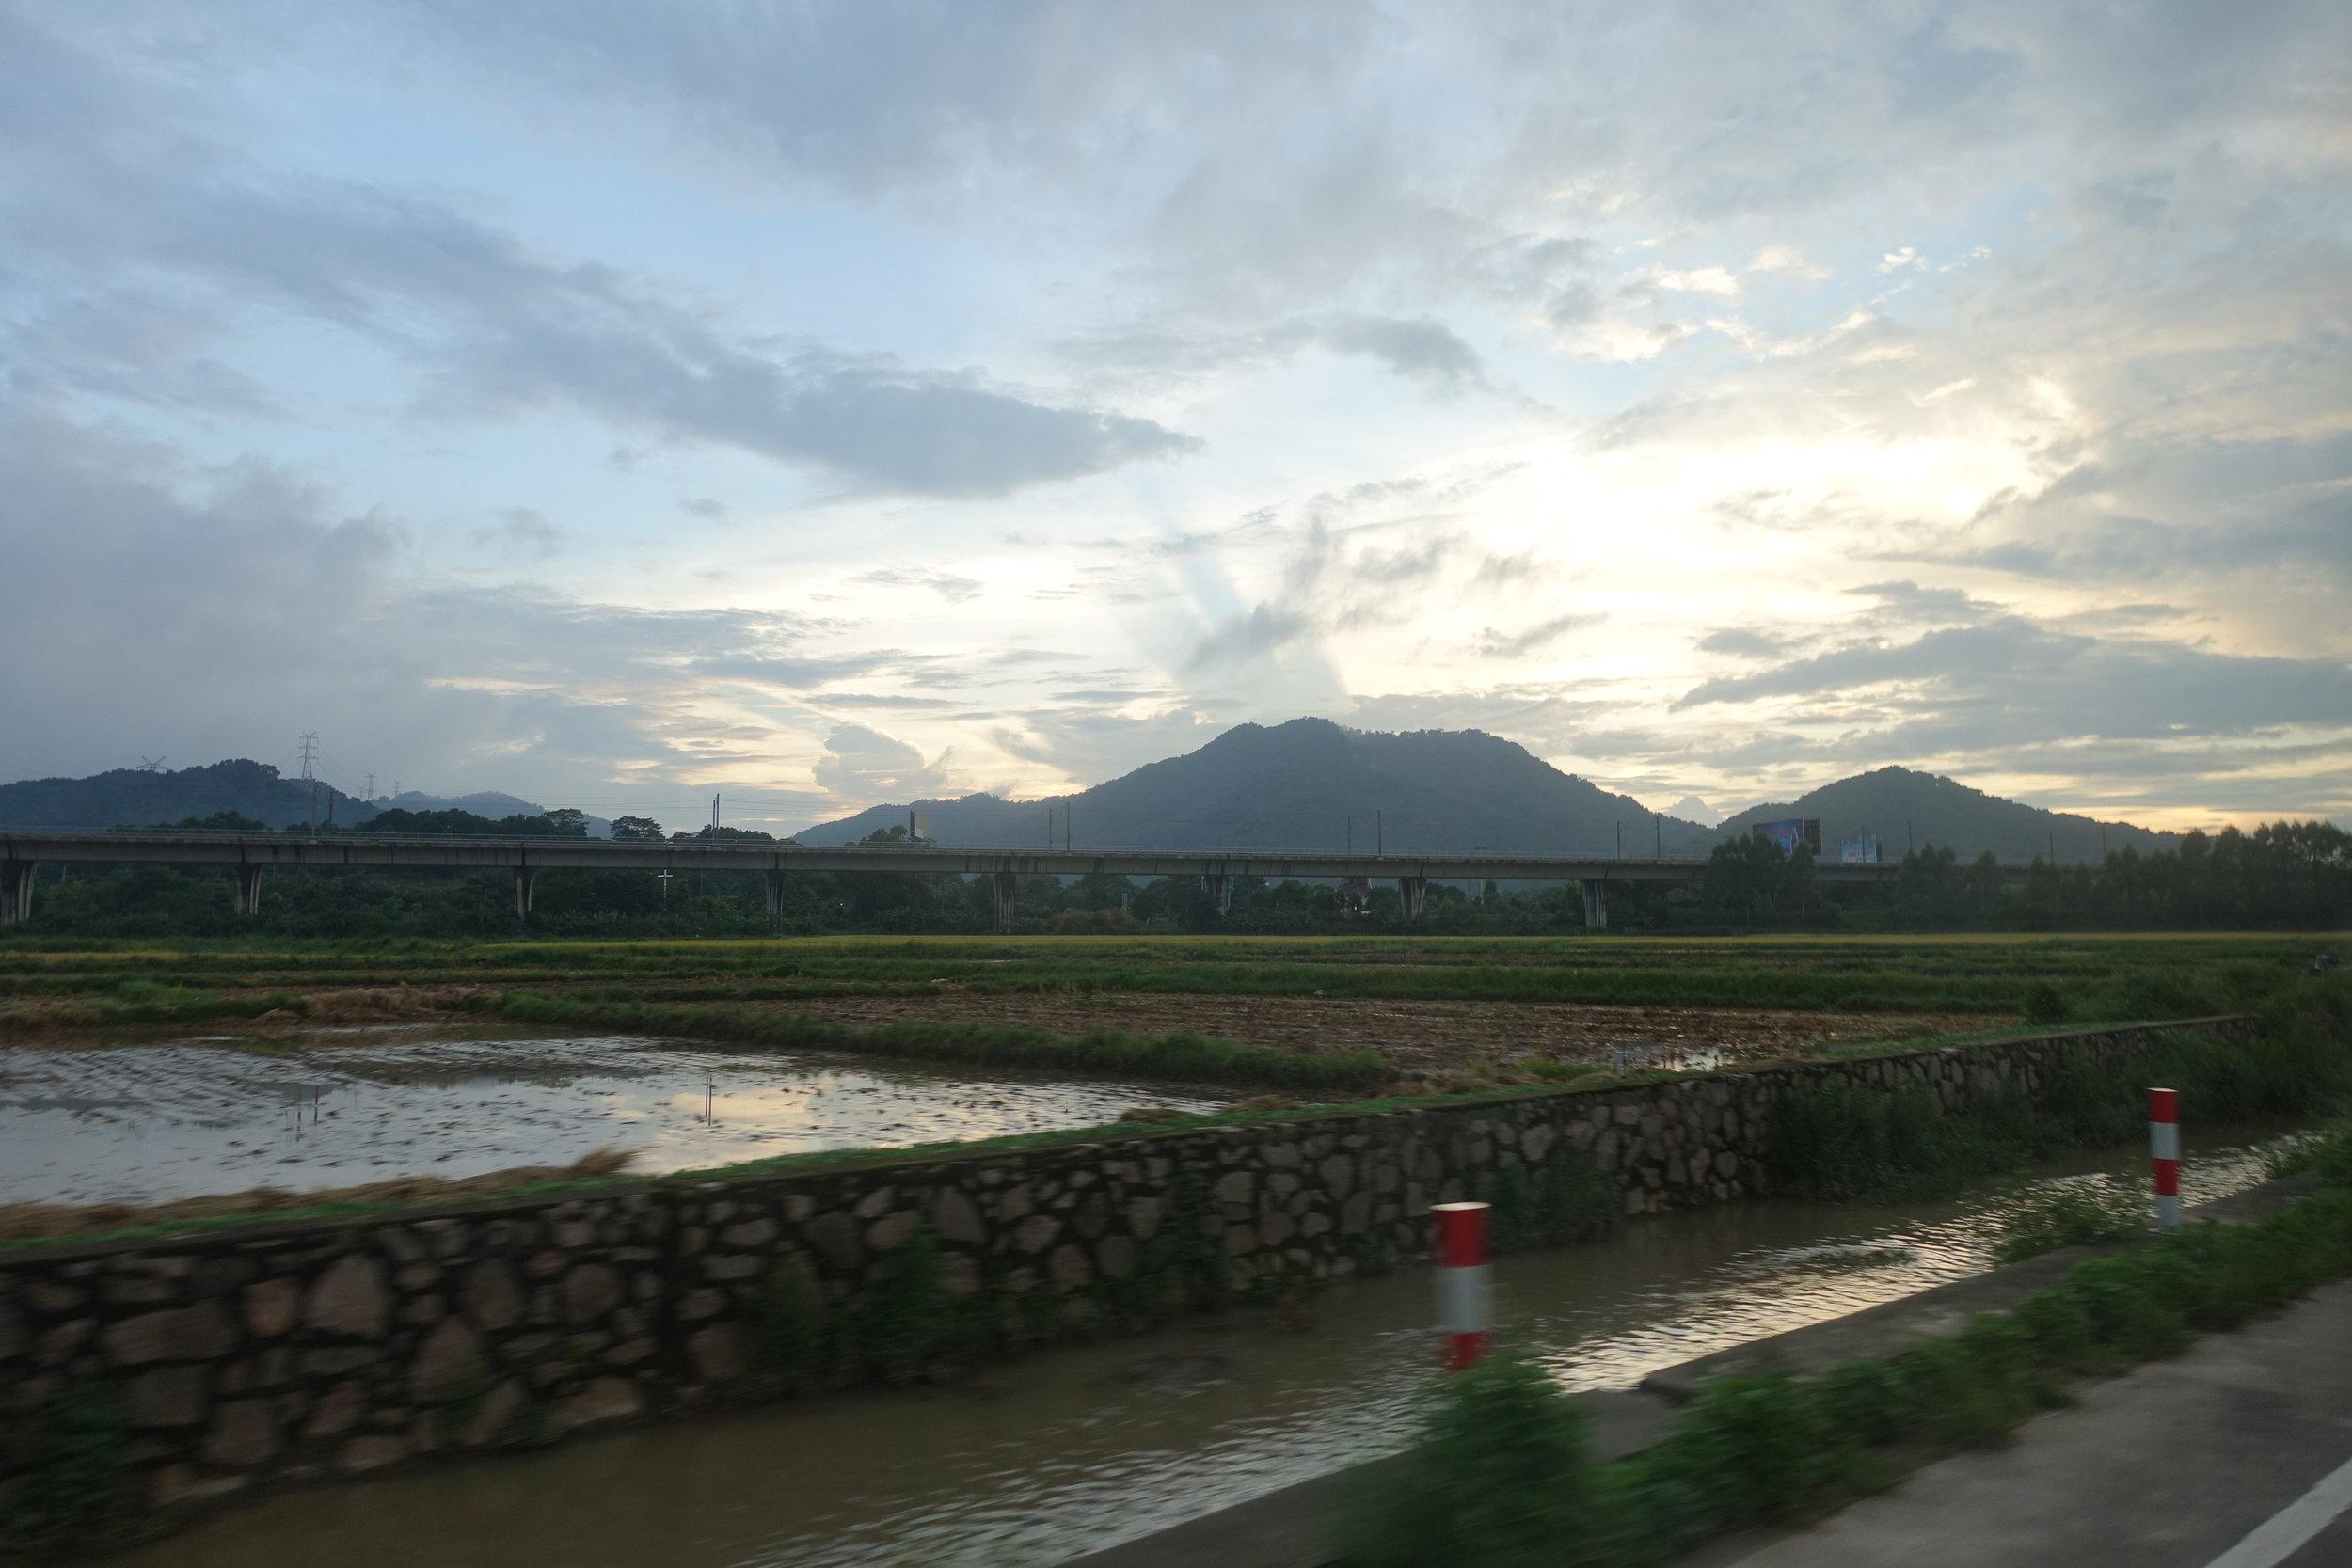 Zhongshan skyline